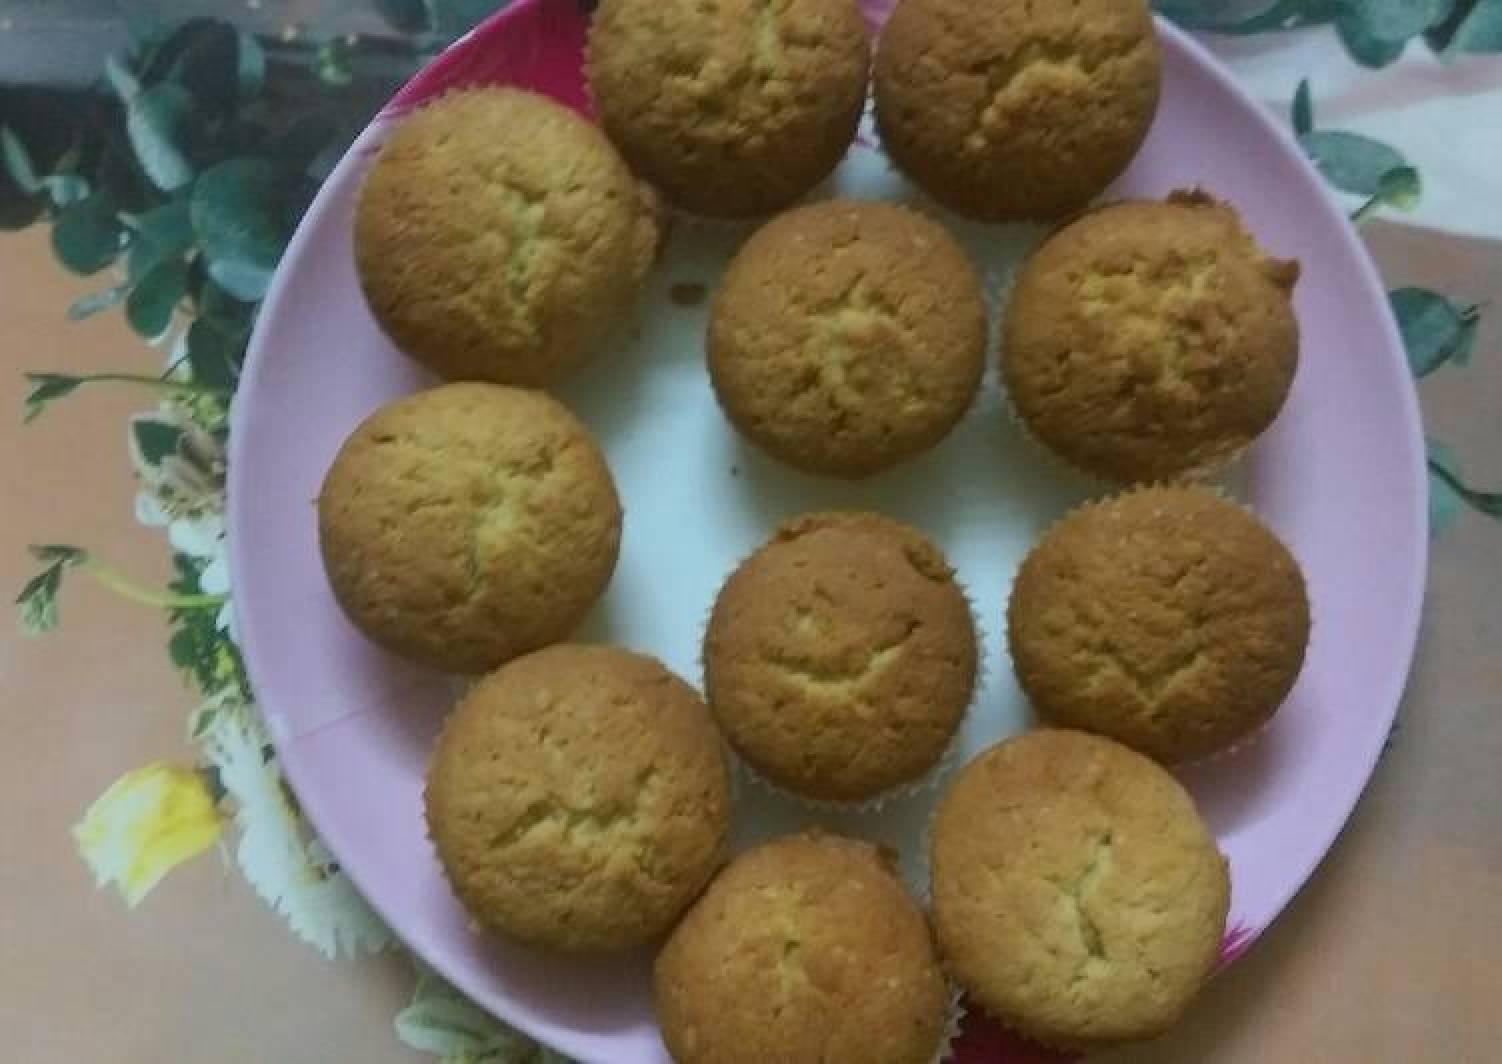 Orange cupcakes#Cupcake contest